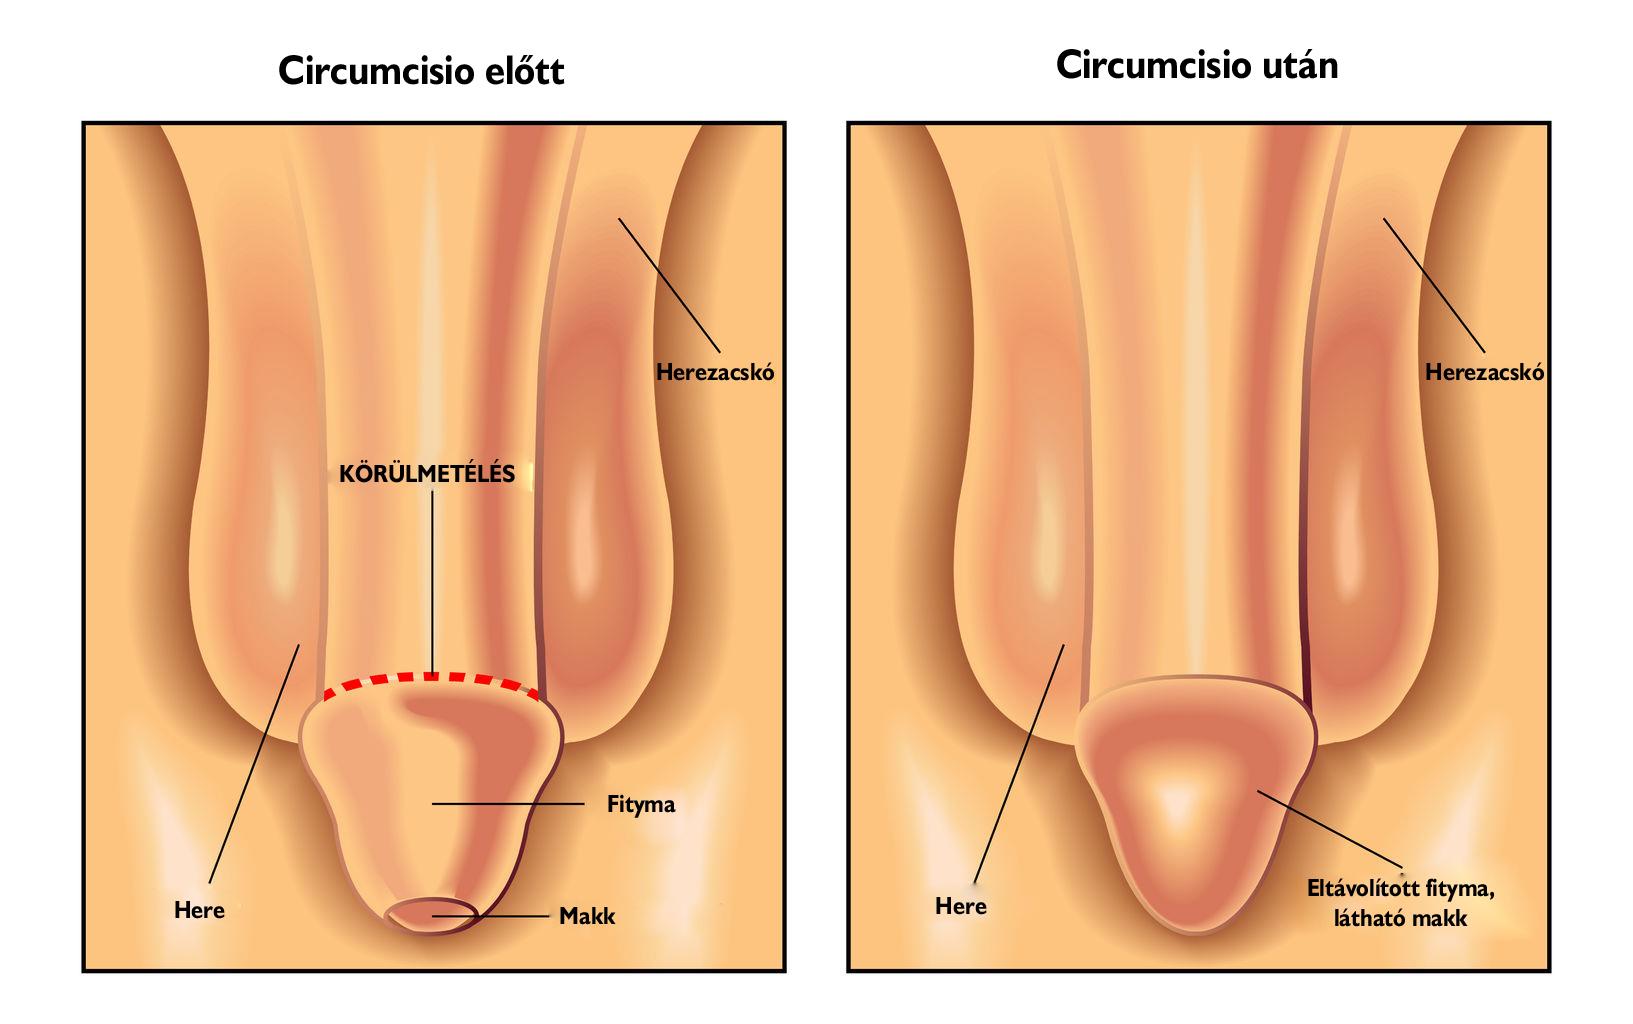 pénisz és egészsége női fórum a férfiak péniszéről